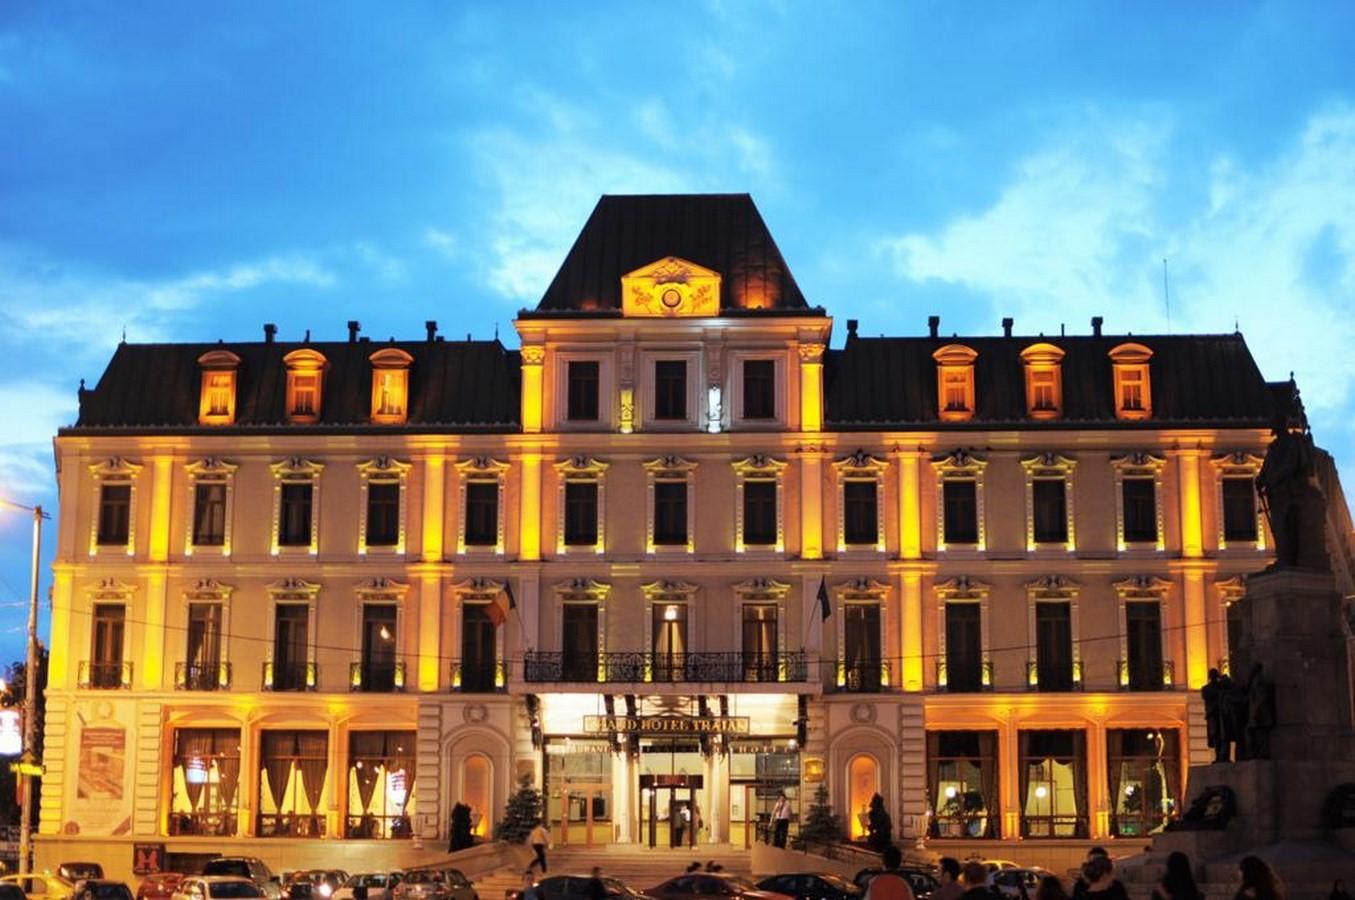 Grand Hotel Traian - 1882 - Sheet5